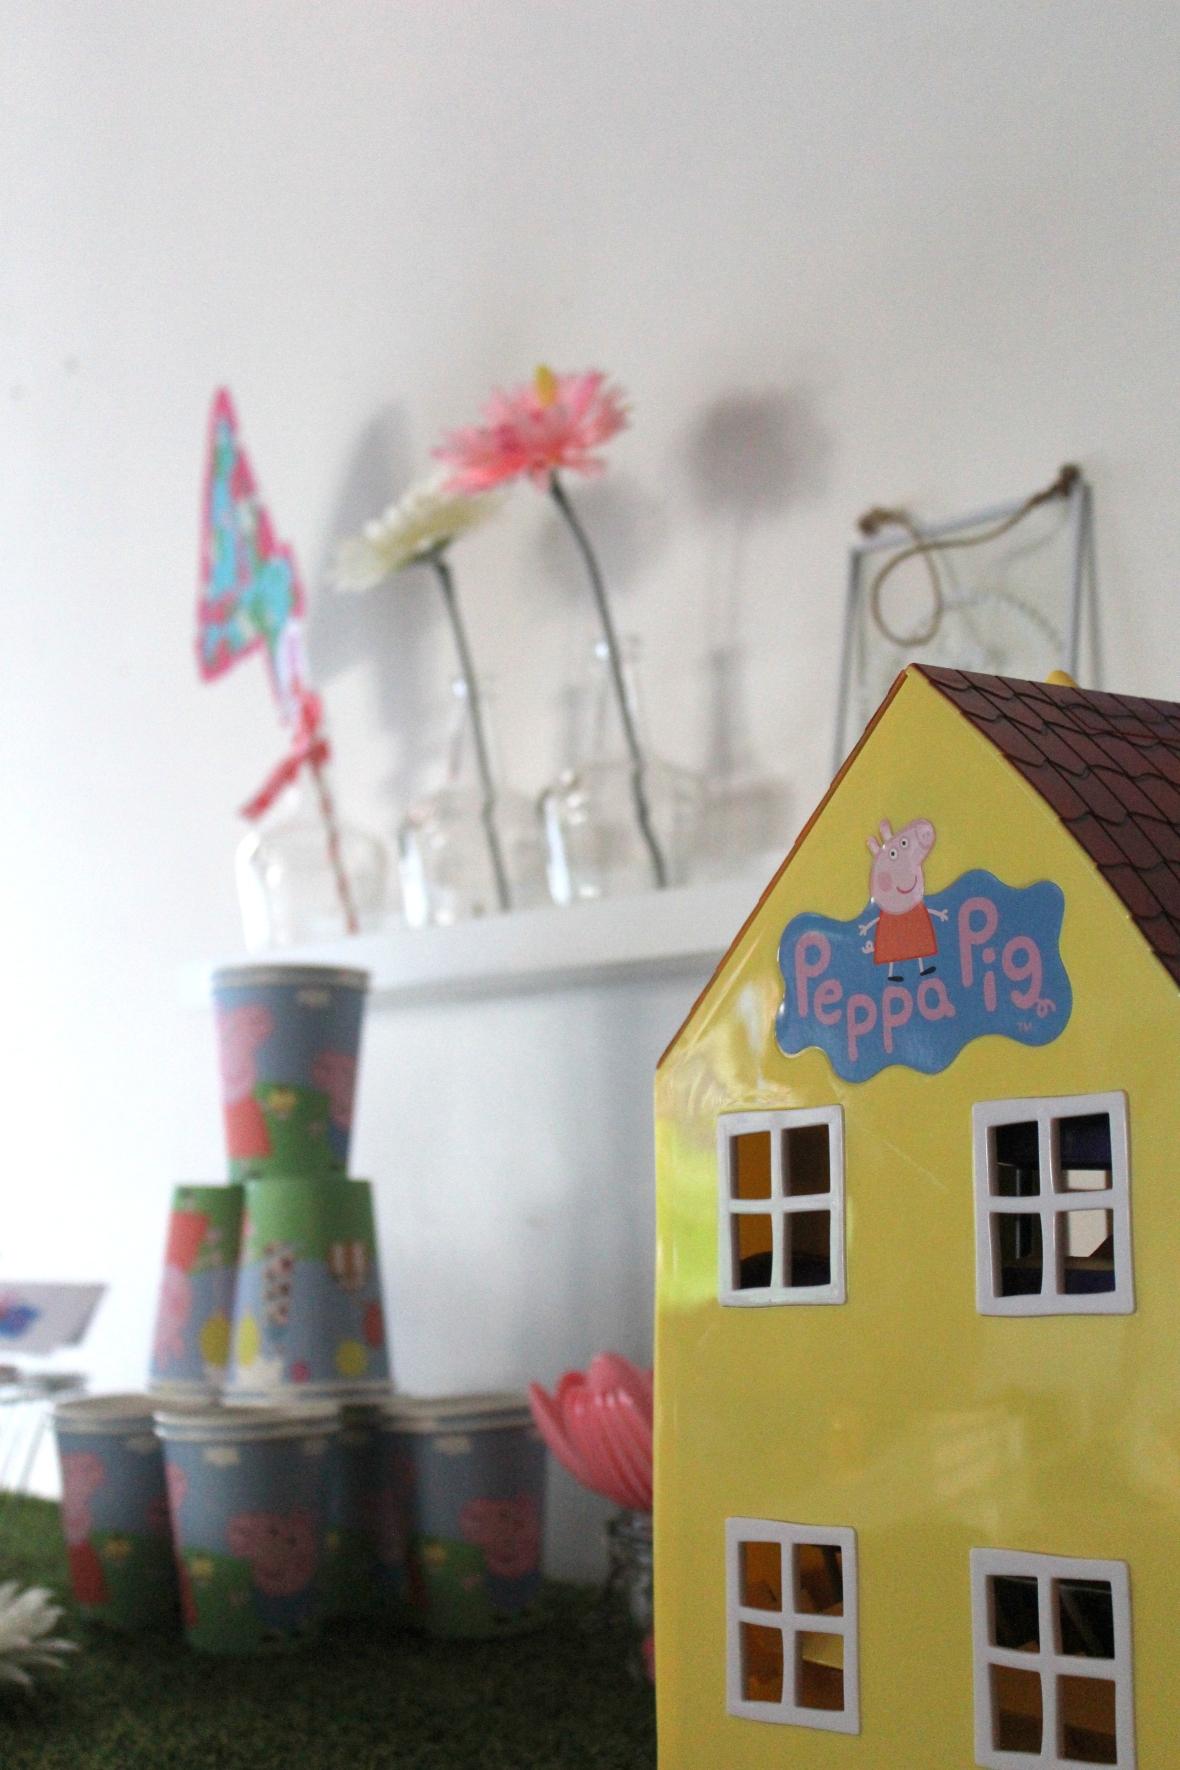 maison peppa2